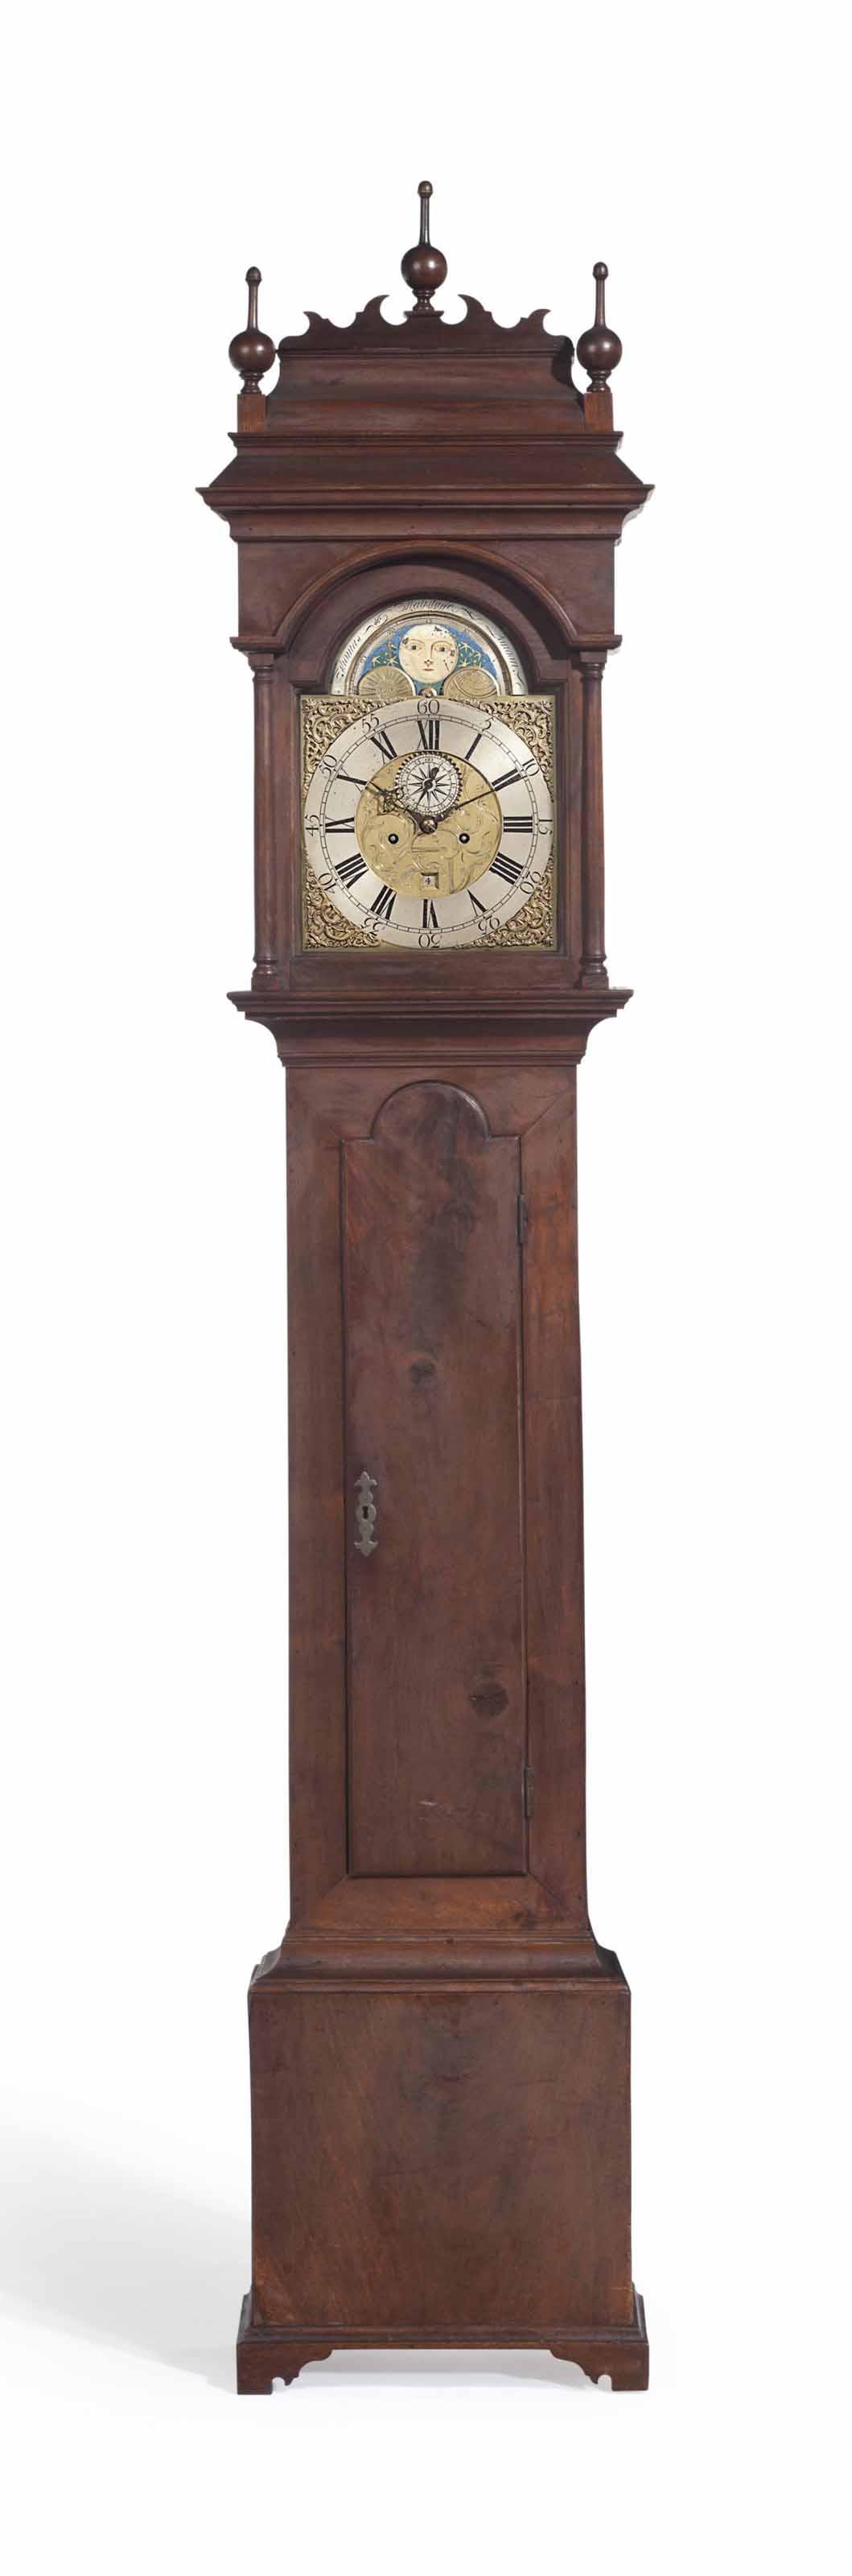 A QUEEN ANNE FIGURED WALNUT TALL-CASE CLOCK